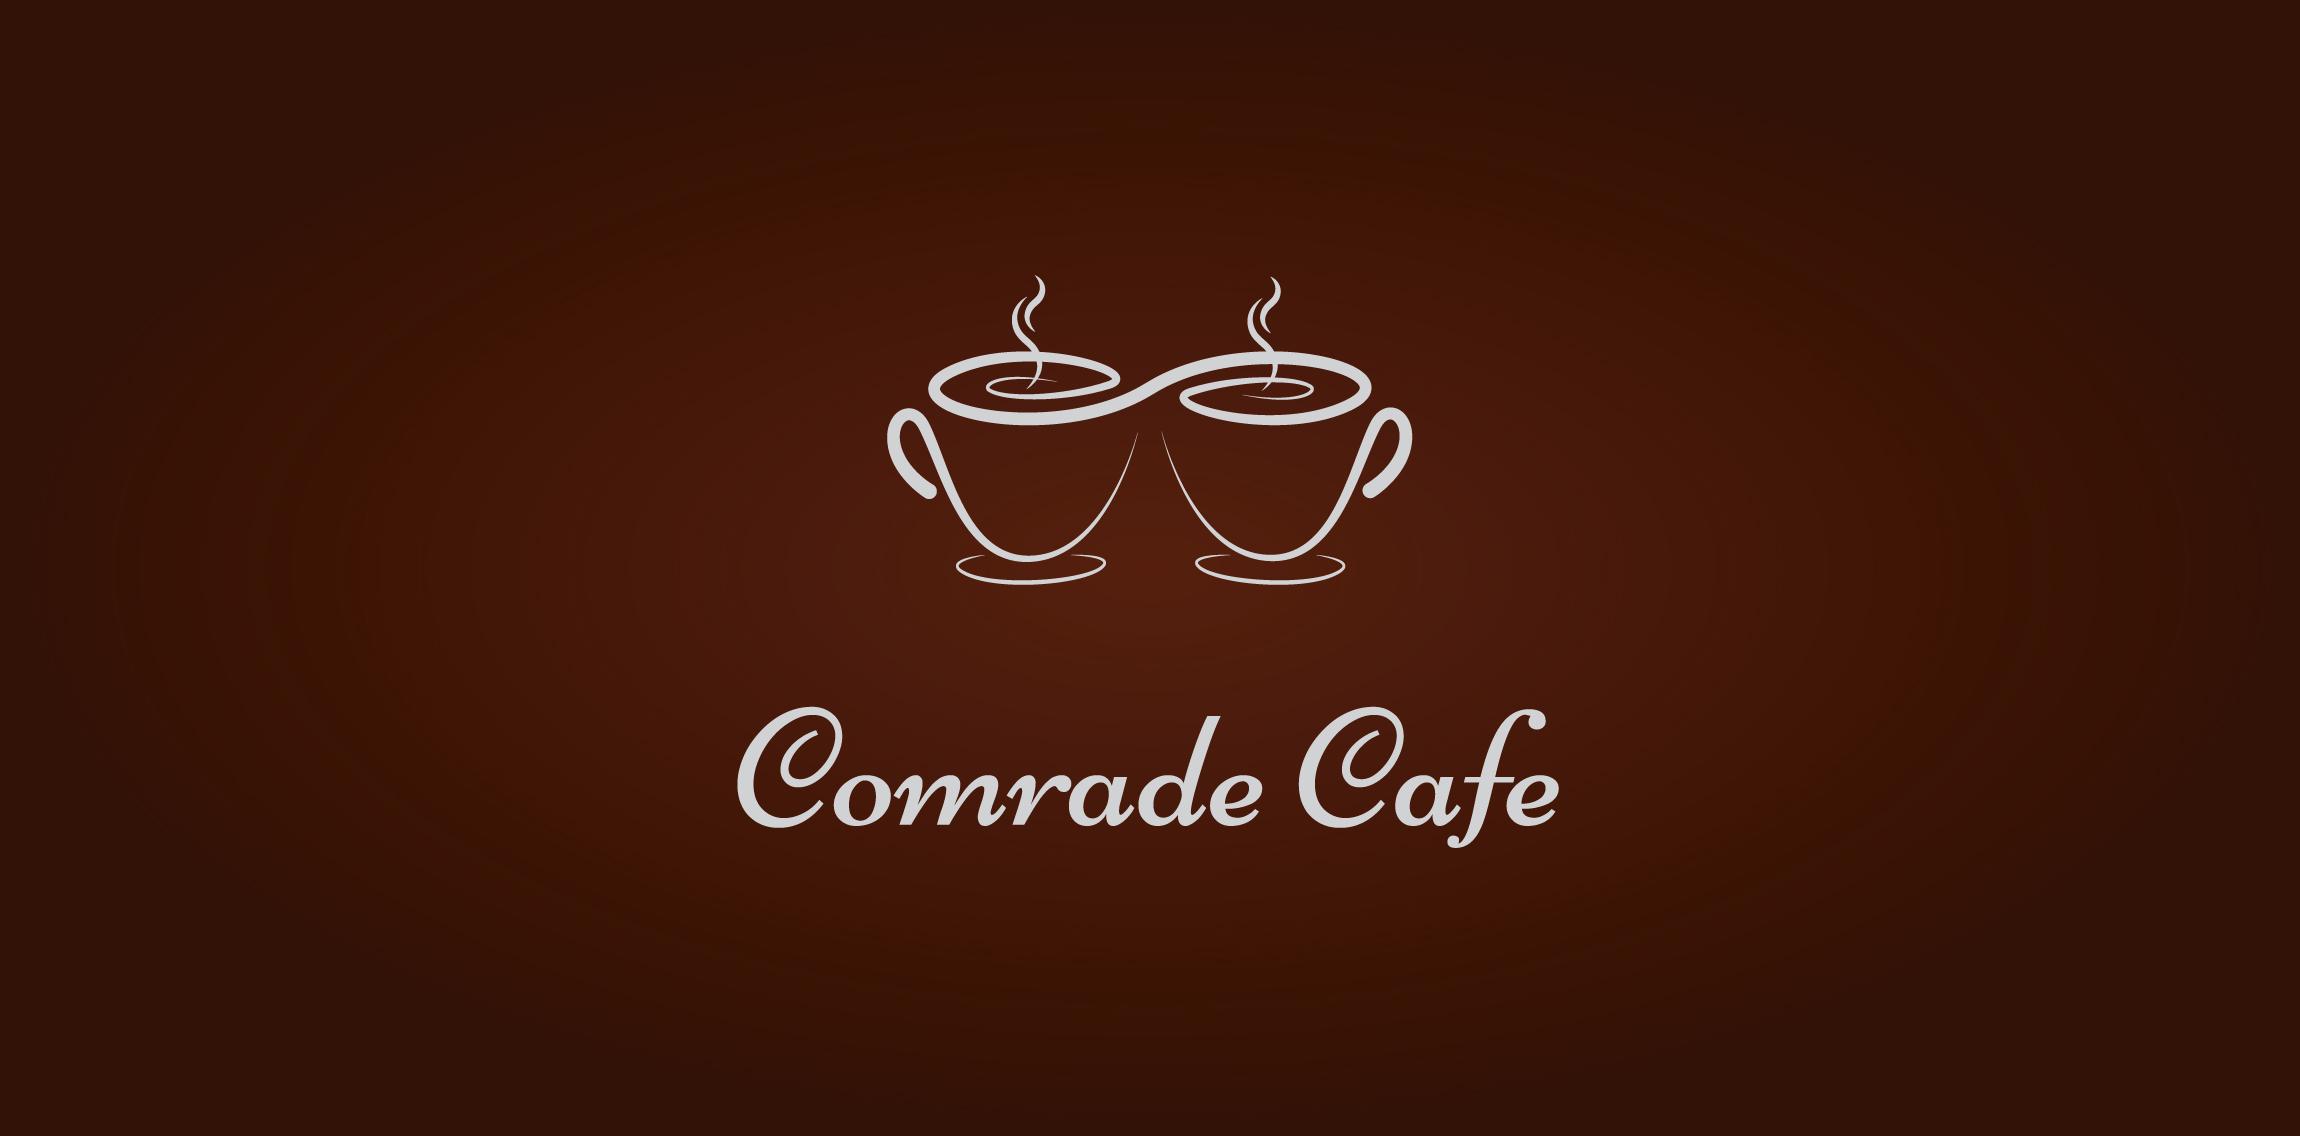 Comrade Cafe